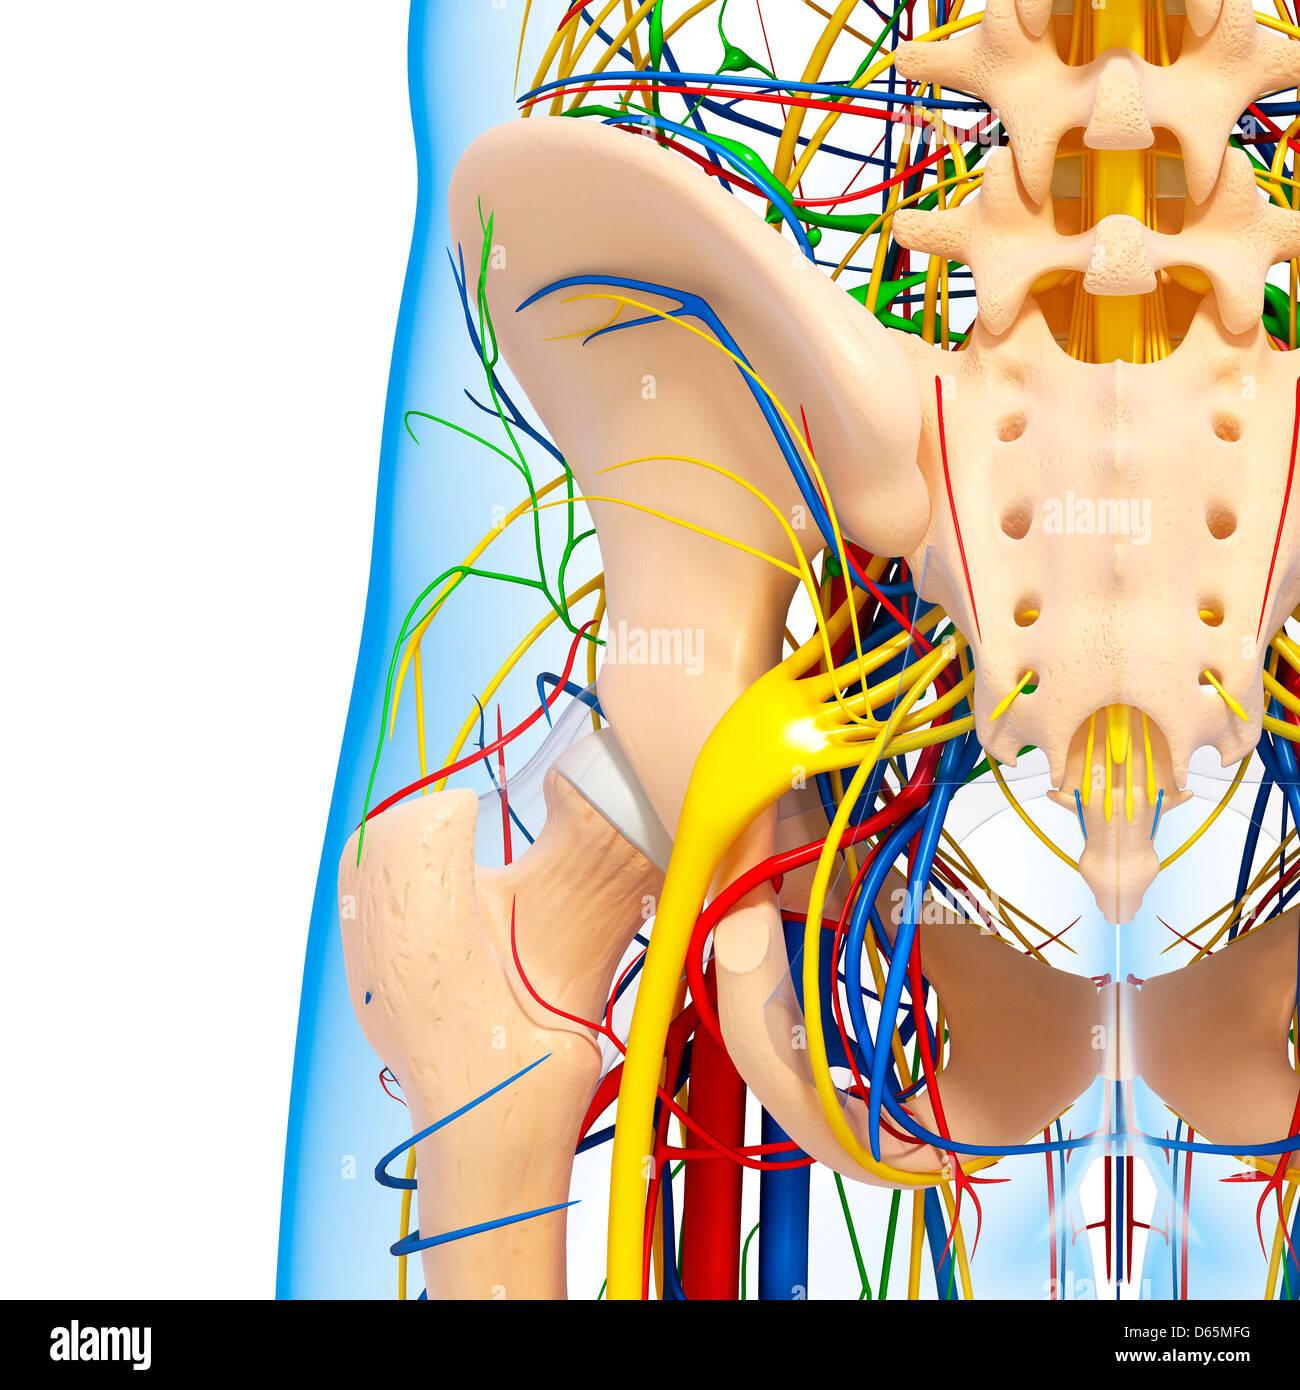 Becken-Anatomie, artwork Stockfoto, Bild: 55444916 - Alamy